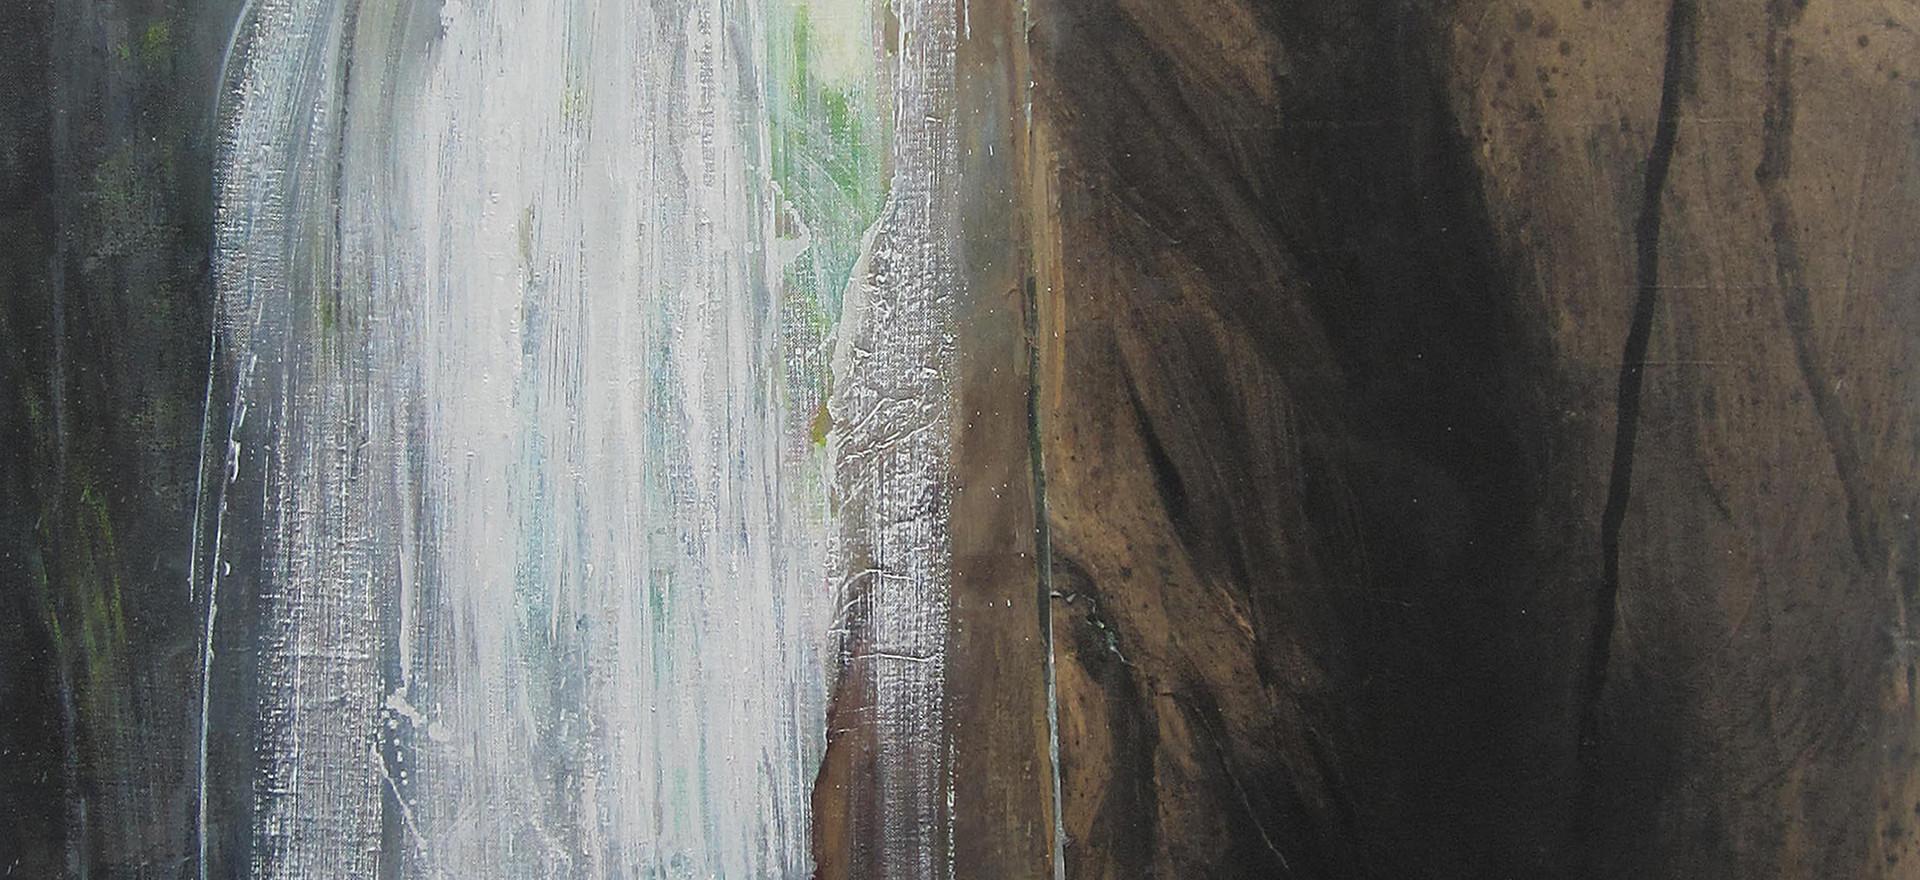 Dans la grotte, cascade et rivière, 2015-2016